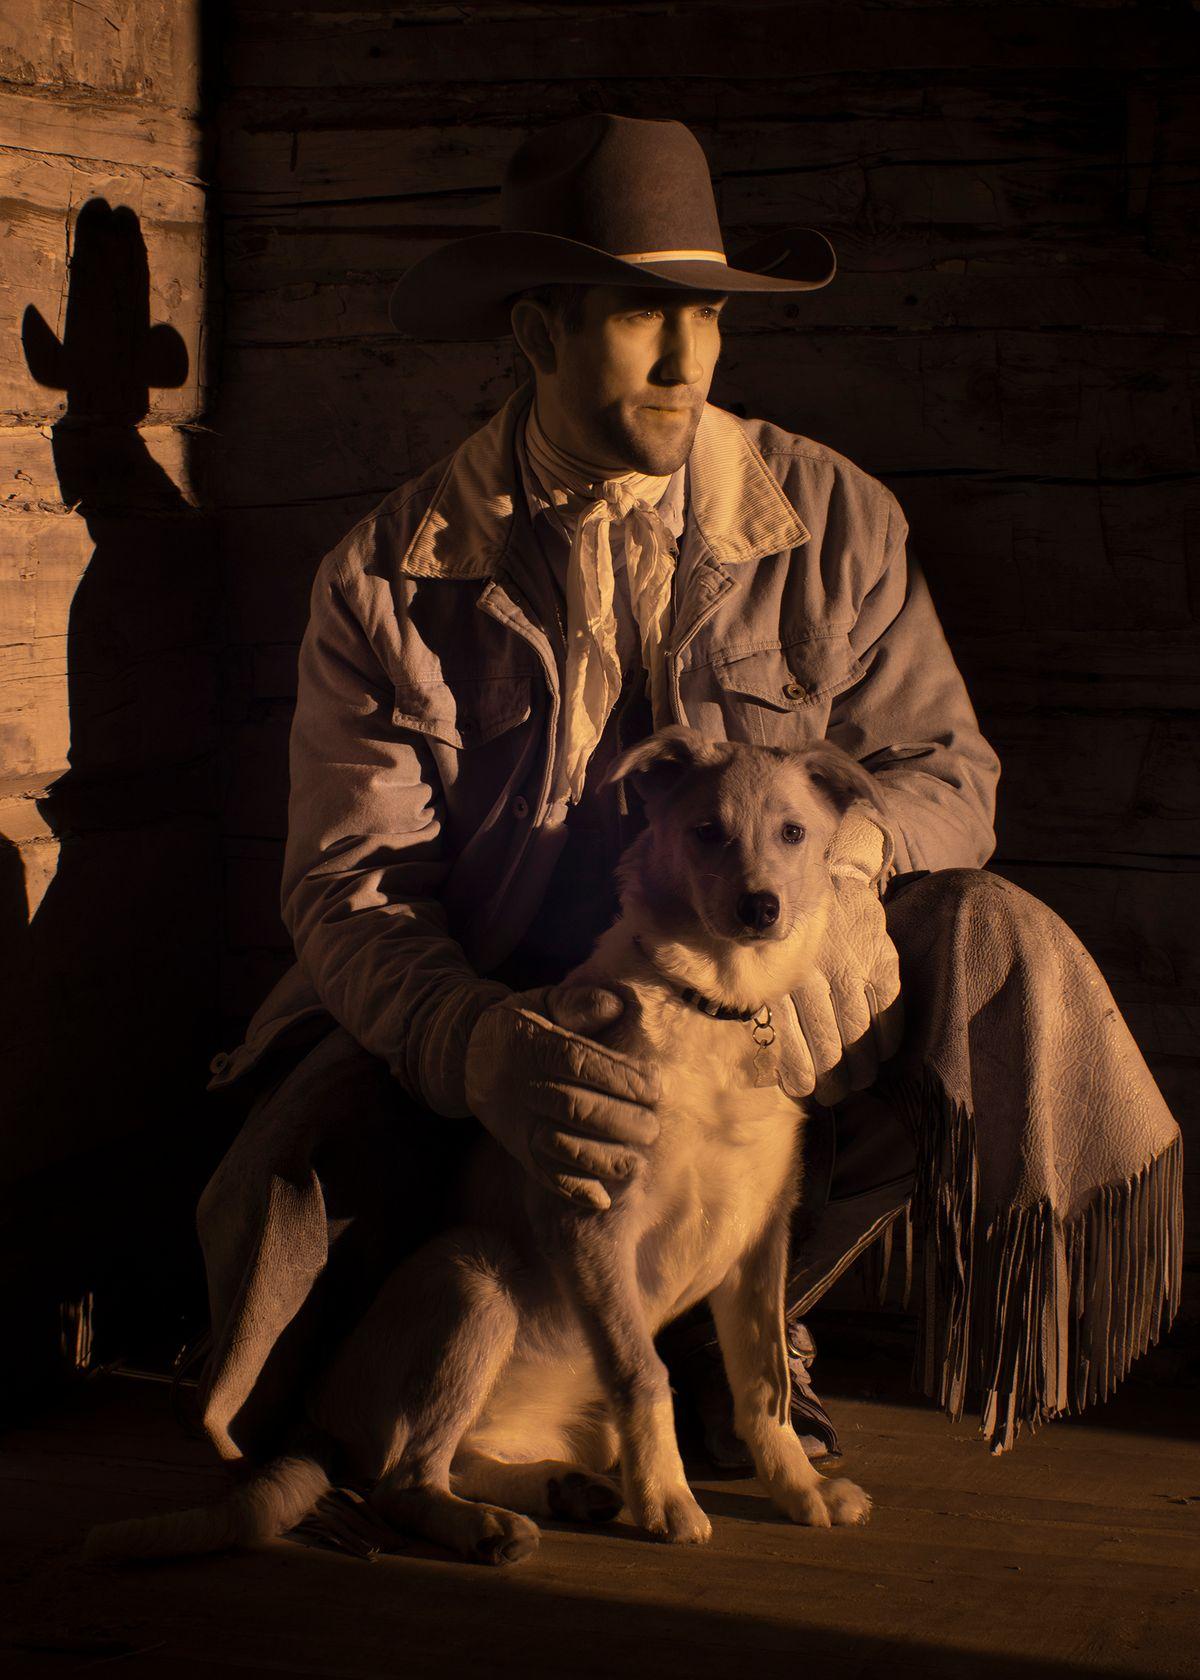 Shadowy cowboy5x7.jpg